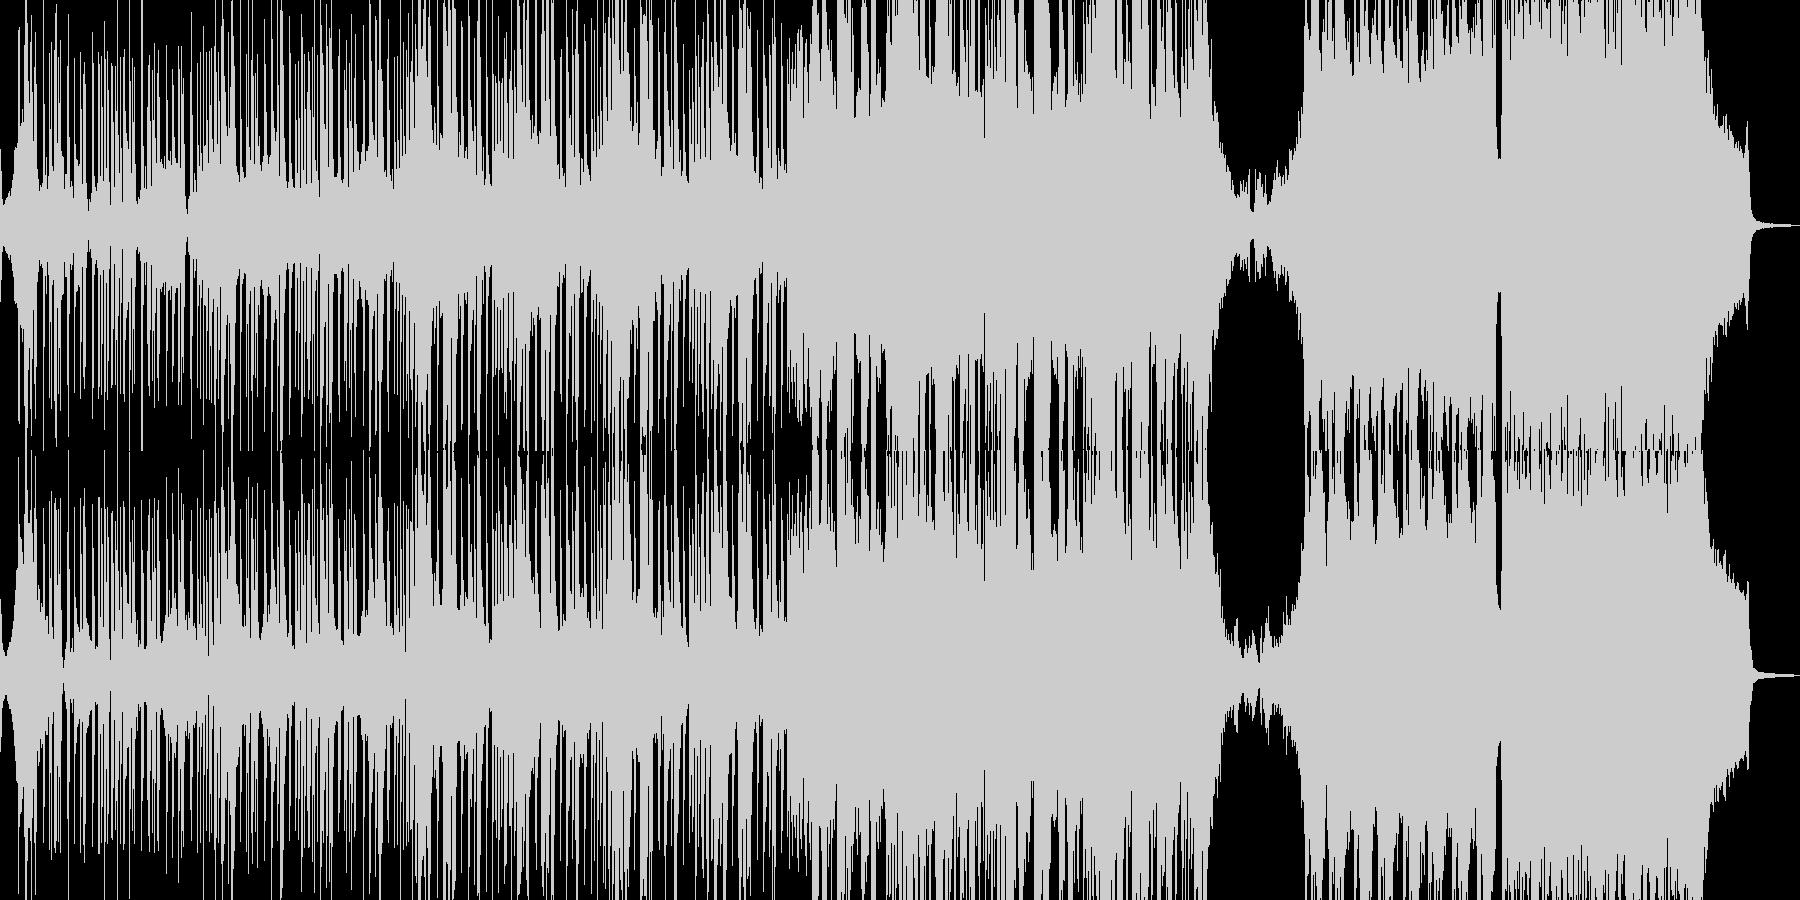 邪悪なヒップホップ・エレキギター有 短尺の未再生の波形